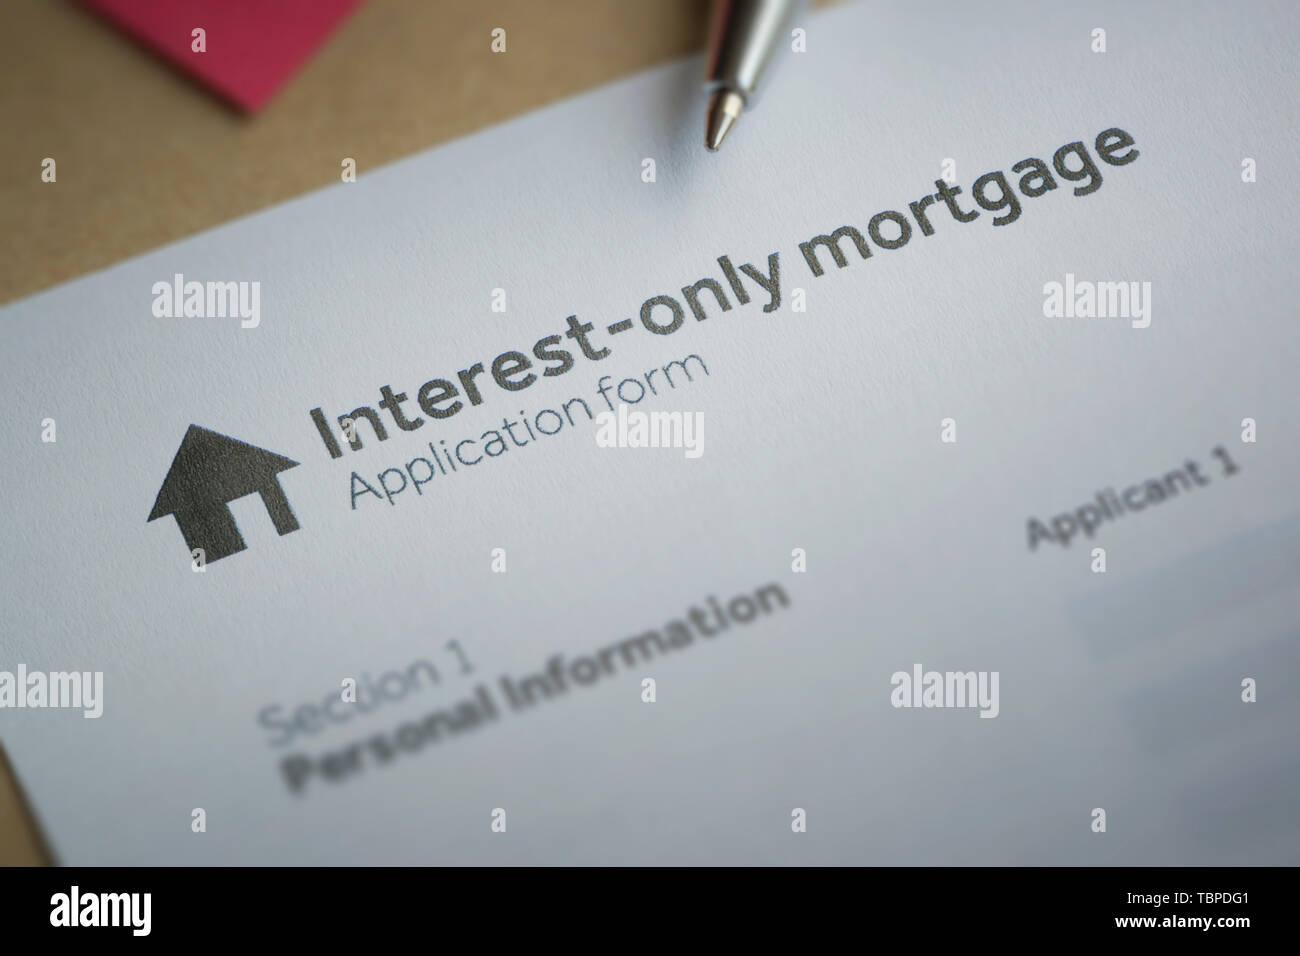 Formulario de solicitud de una ficticia para sugerir que una persona está considerando la posibilidad de aplicar para una hipoteca de interés solamente en un hogar. Imagen De Stock